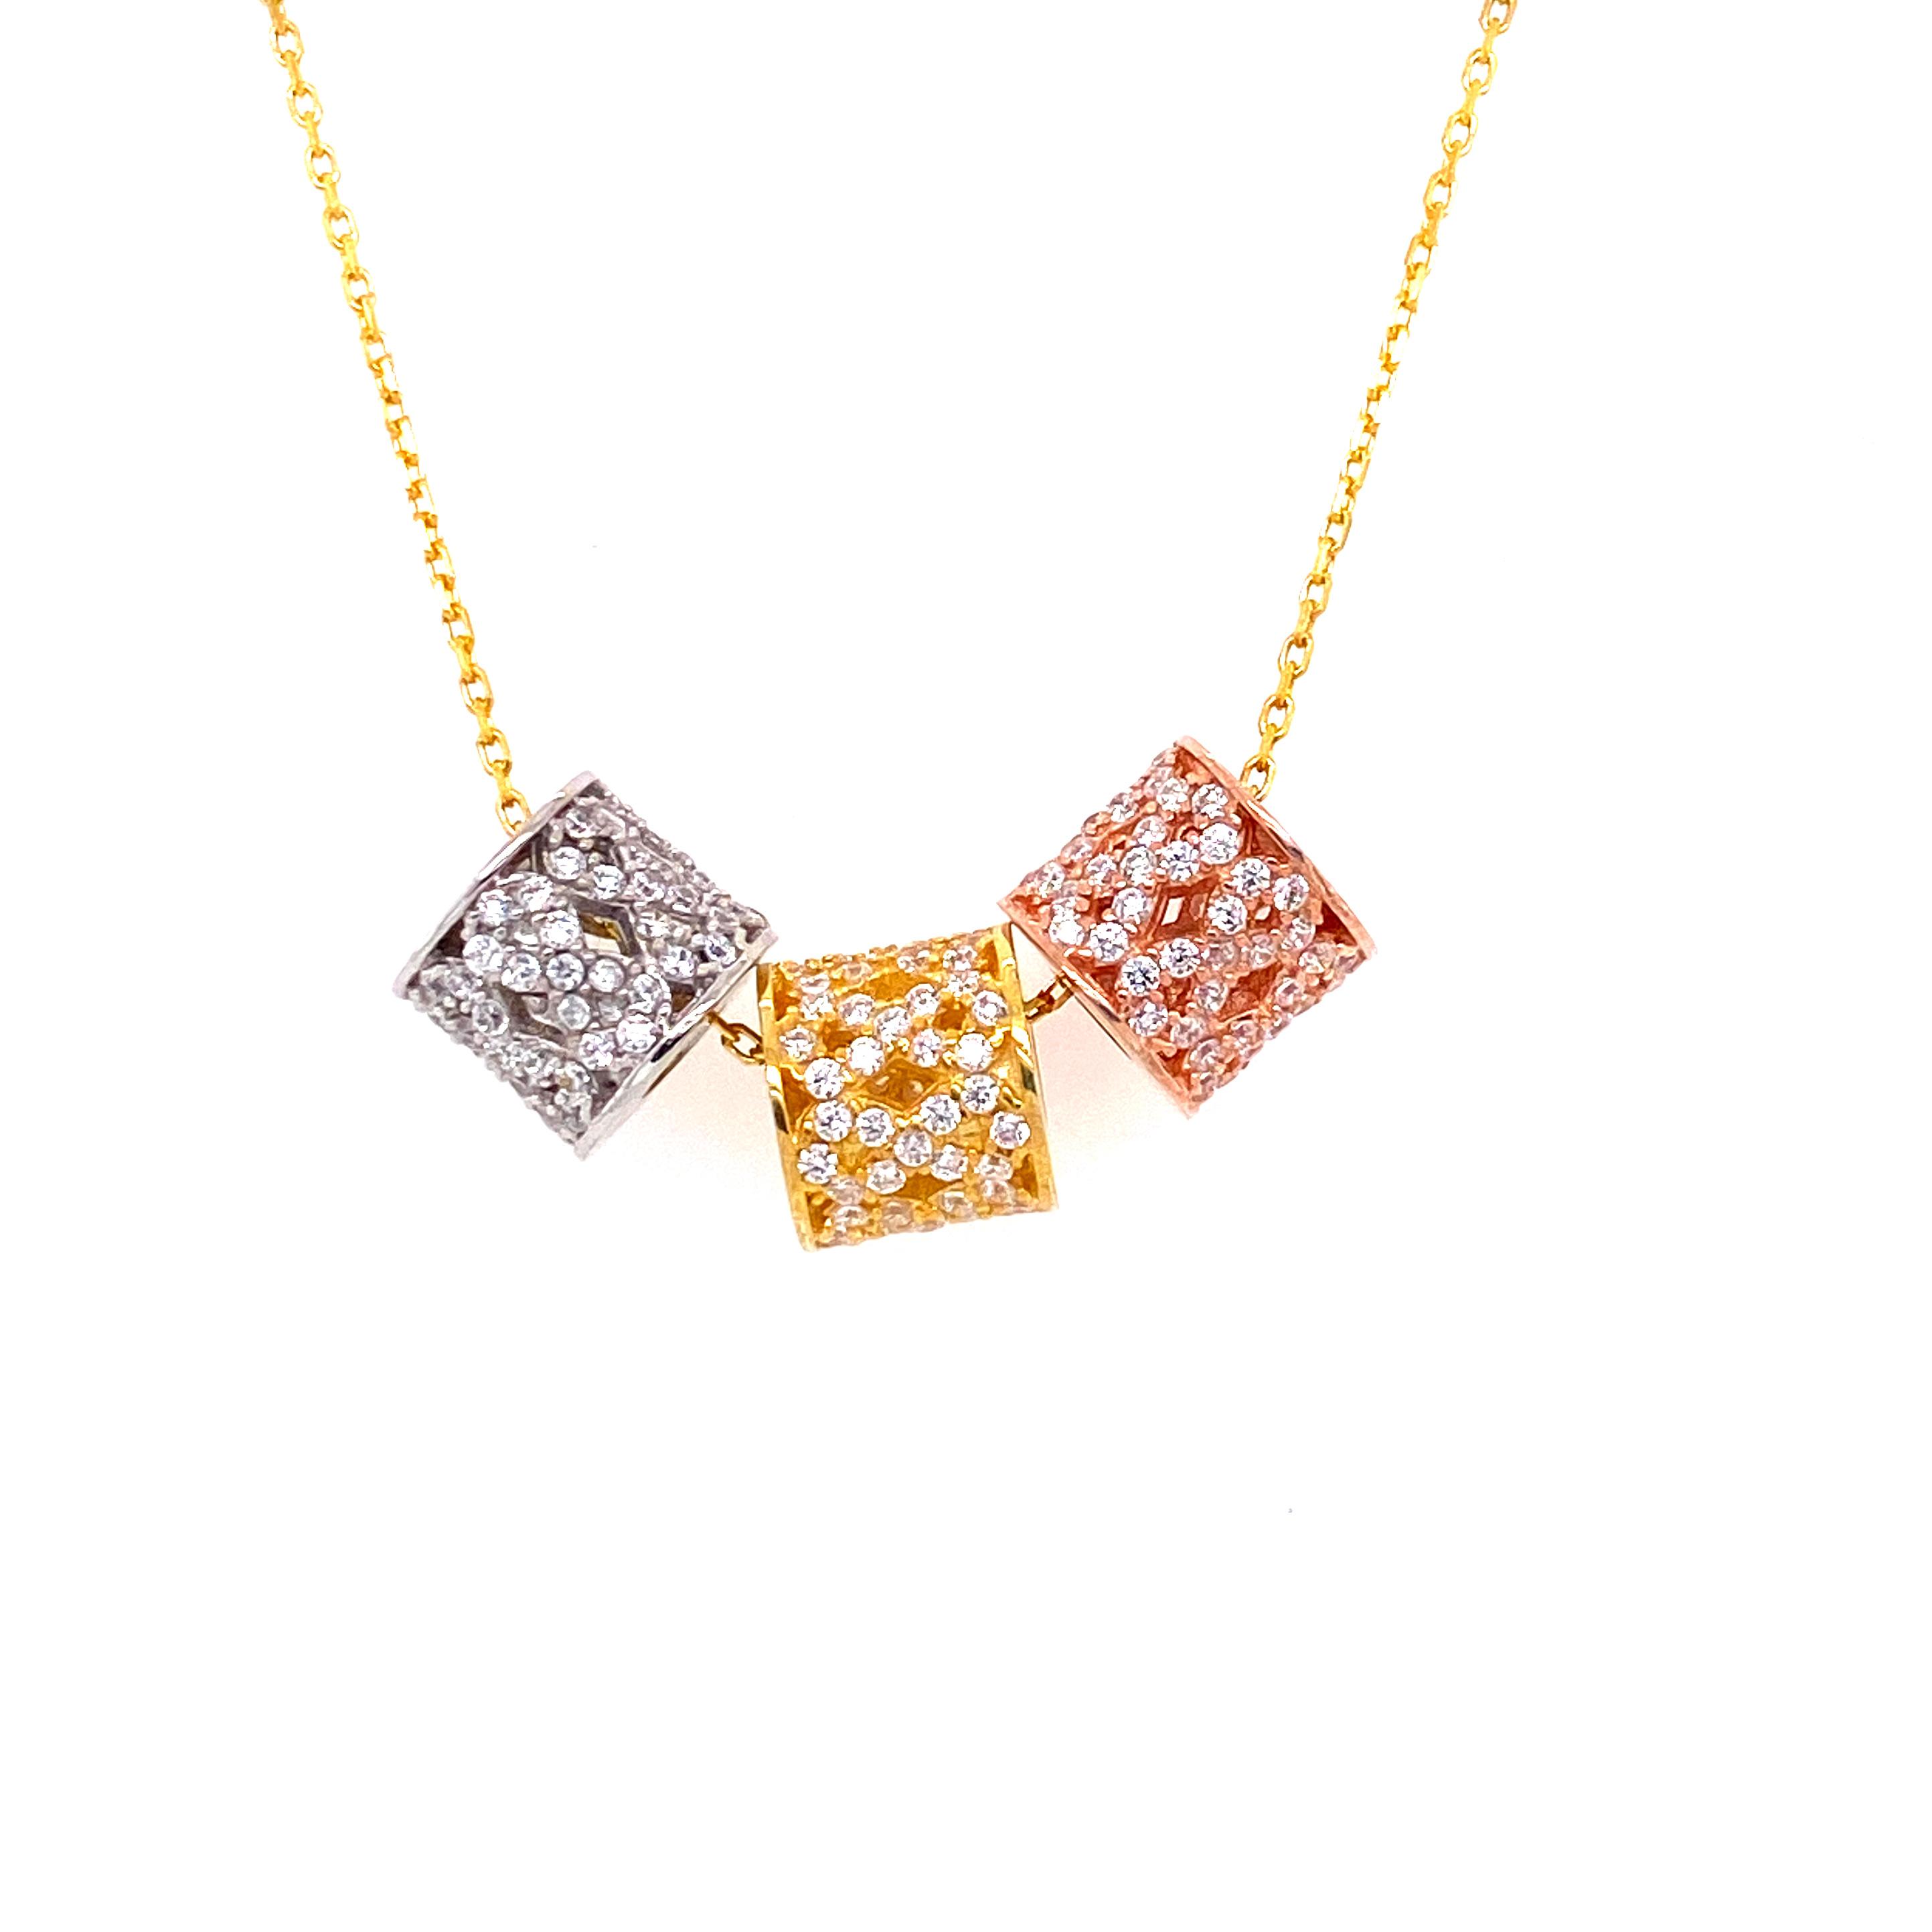 925 Silber Halskette | 3er unendlich